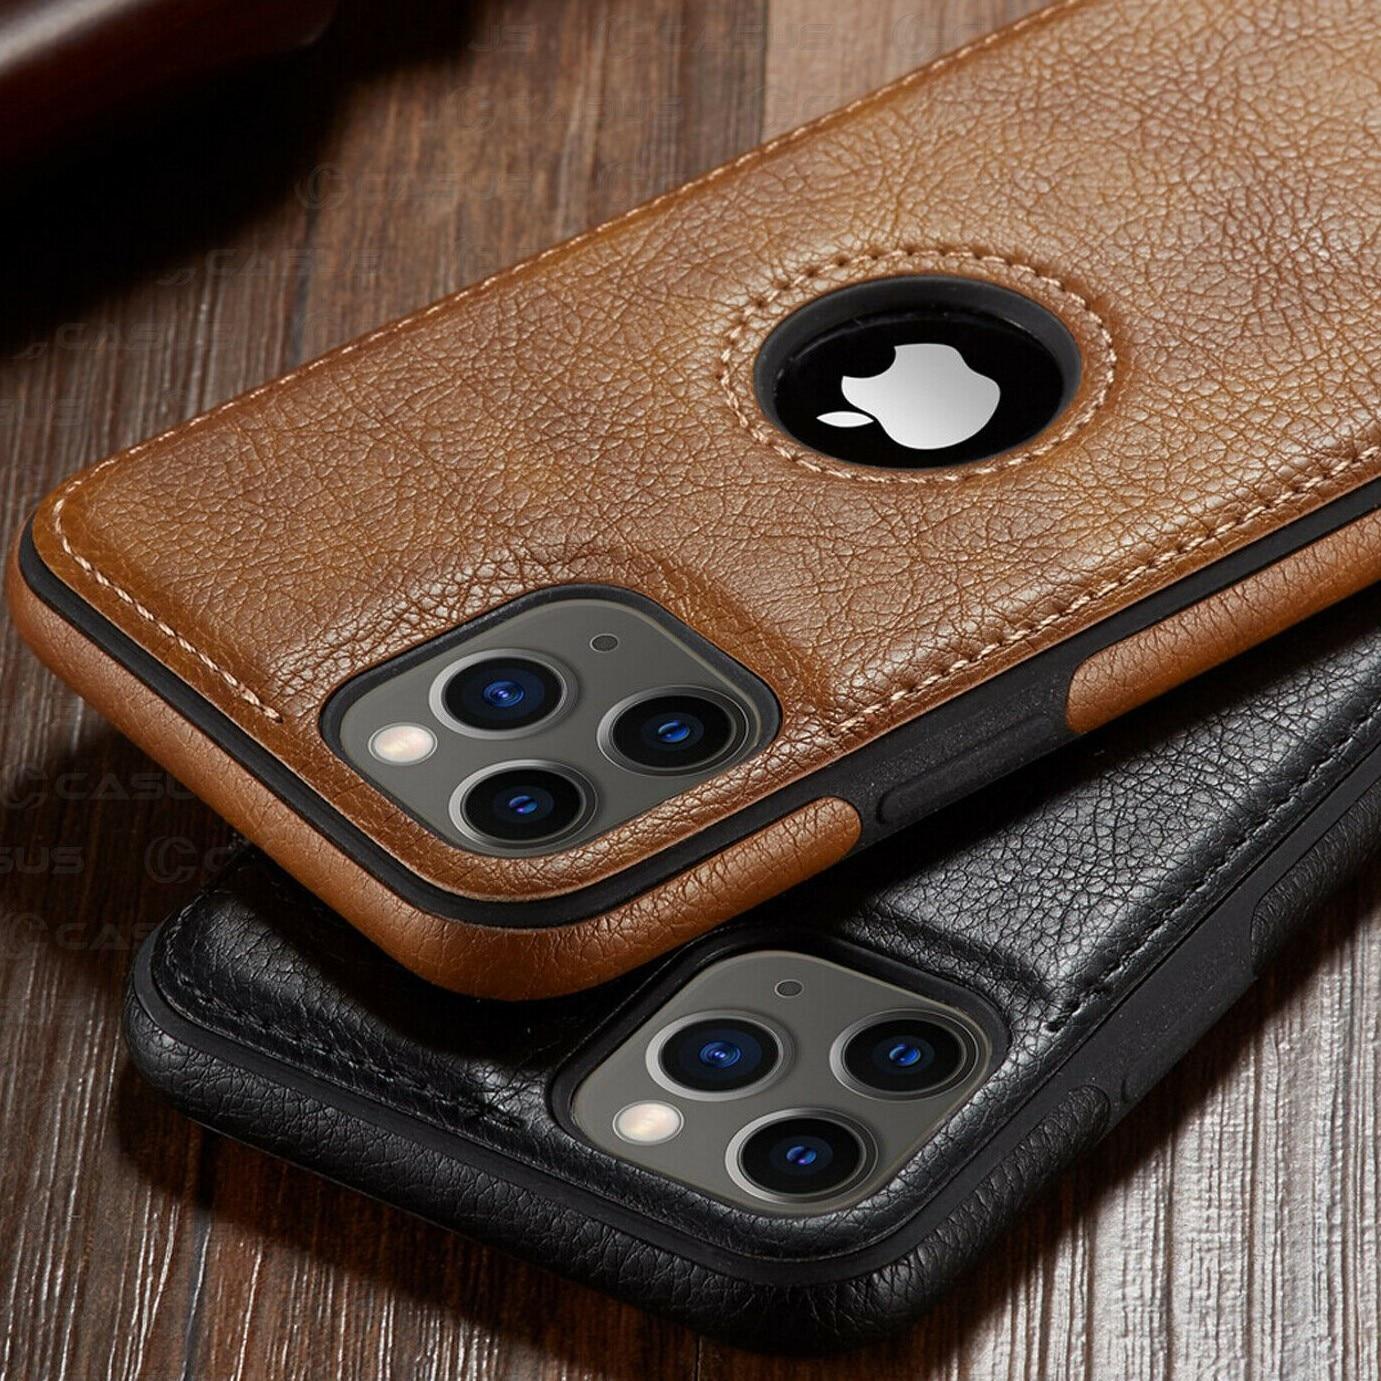 Чехол для iPhone 11 11 Pro 11 Pro Max, Роскошный деловой кожаный прошитый чехол, чехол для iphone XS Max XR X 8 7 6 6S Plus, чехол